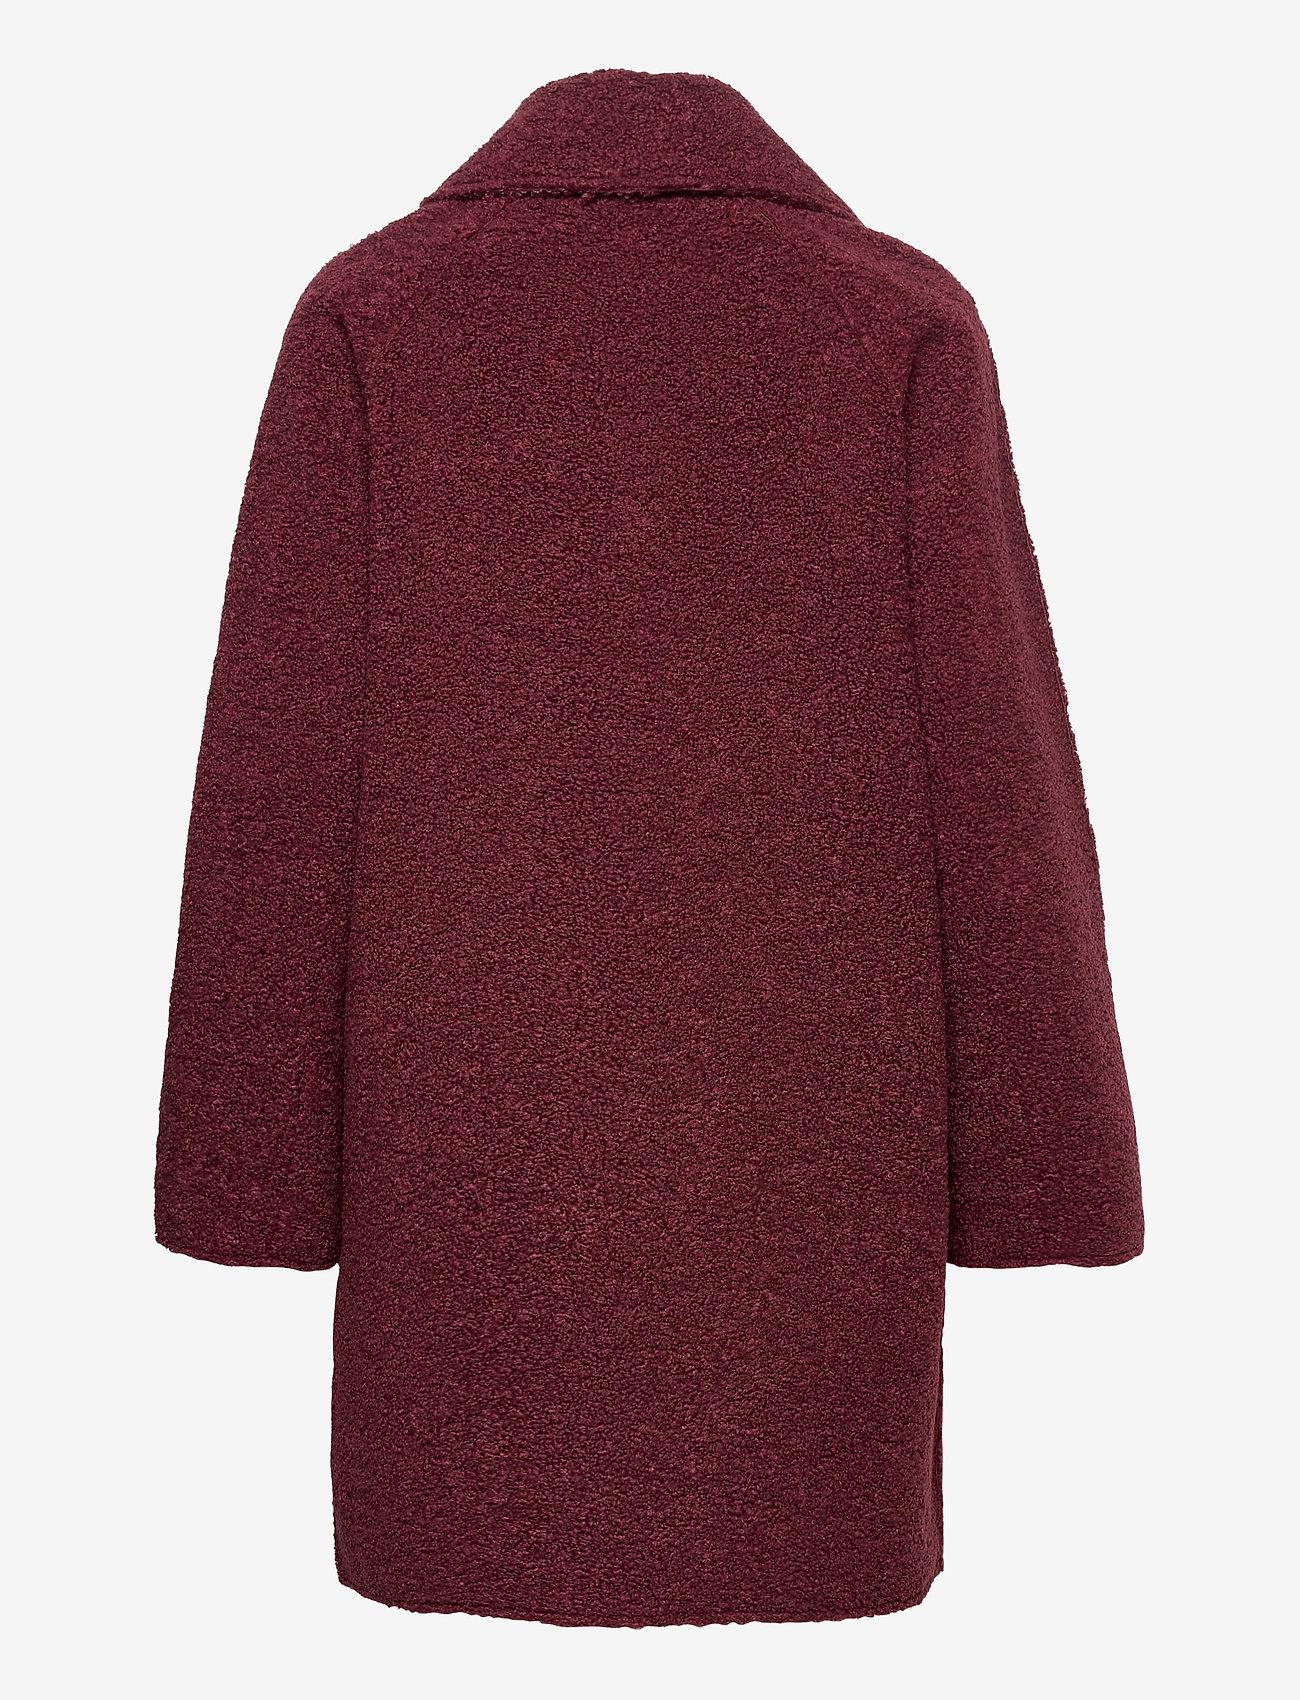 Esprit Collection - Coats woven - manteaux en laine - bordeaux red - 1